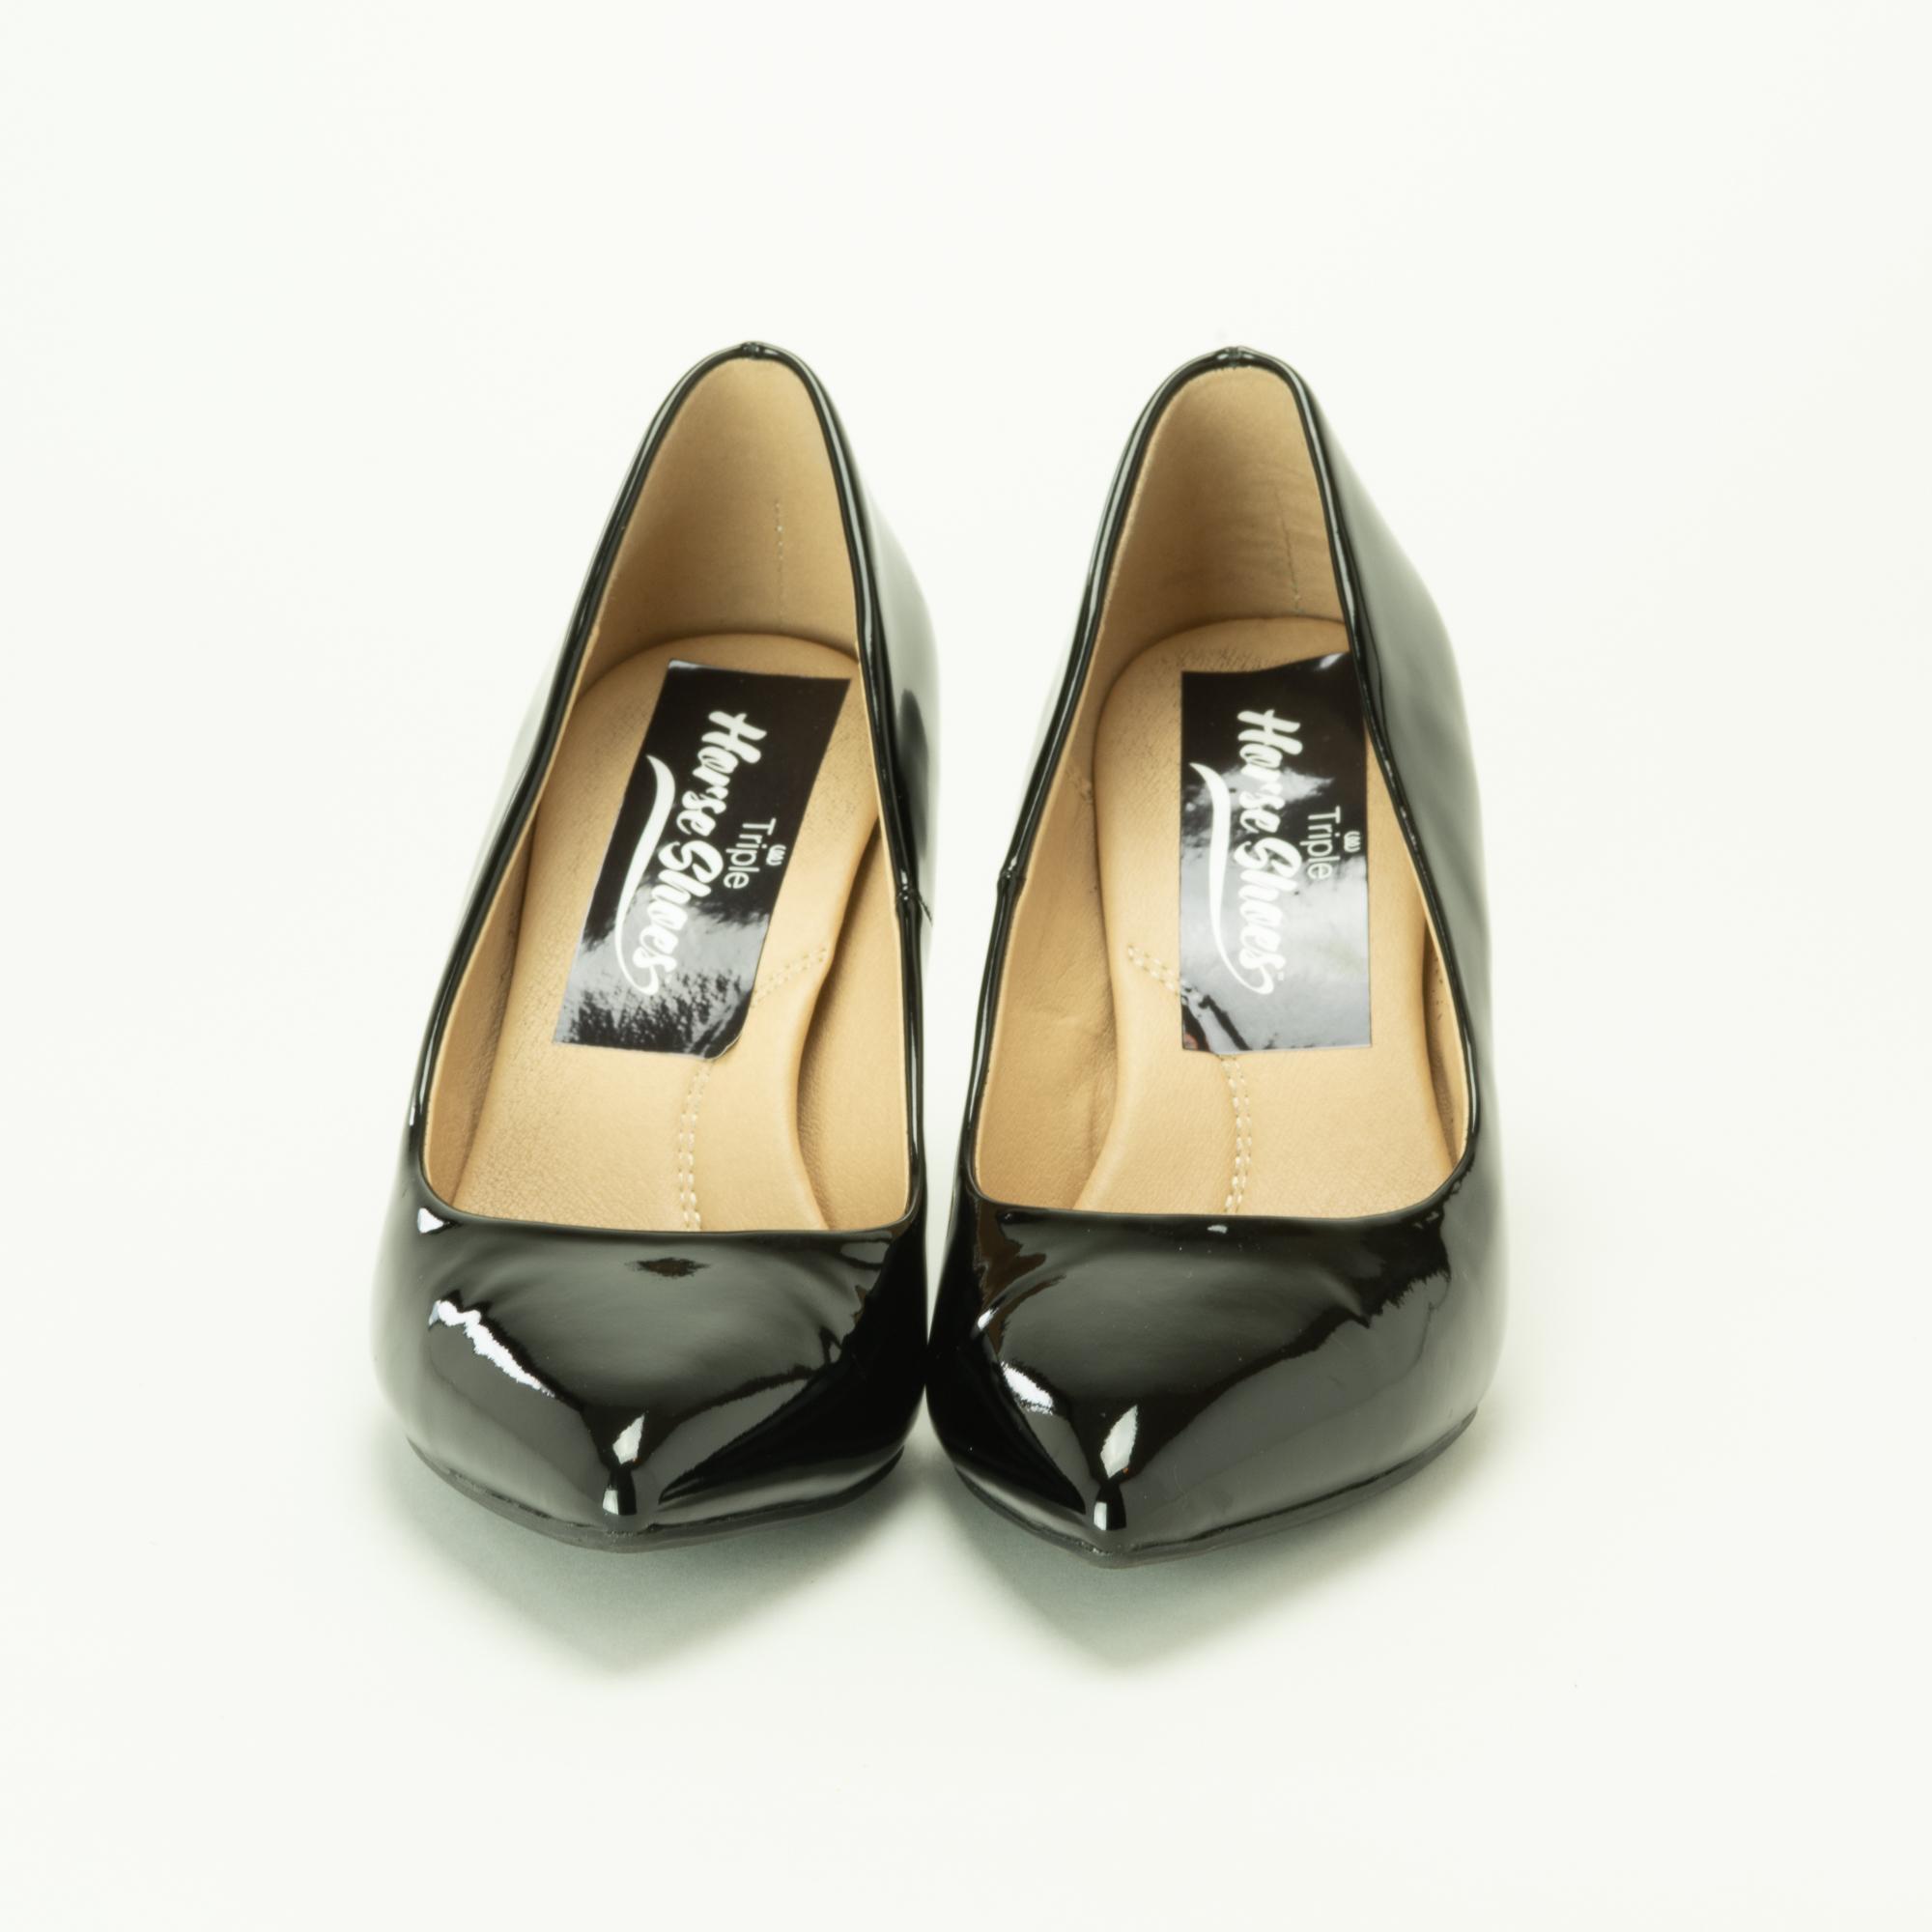 Winner's Cup Wines shoes-42.jpg